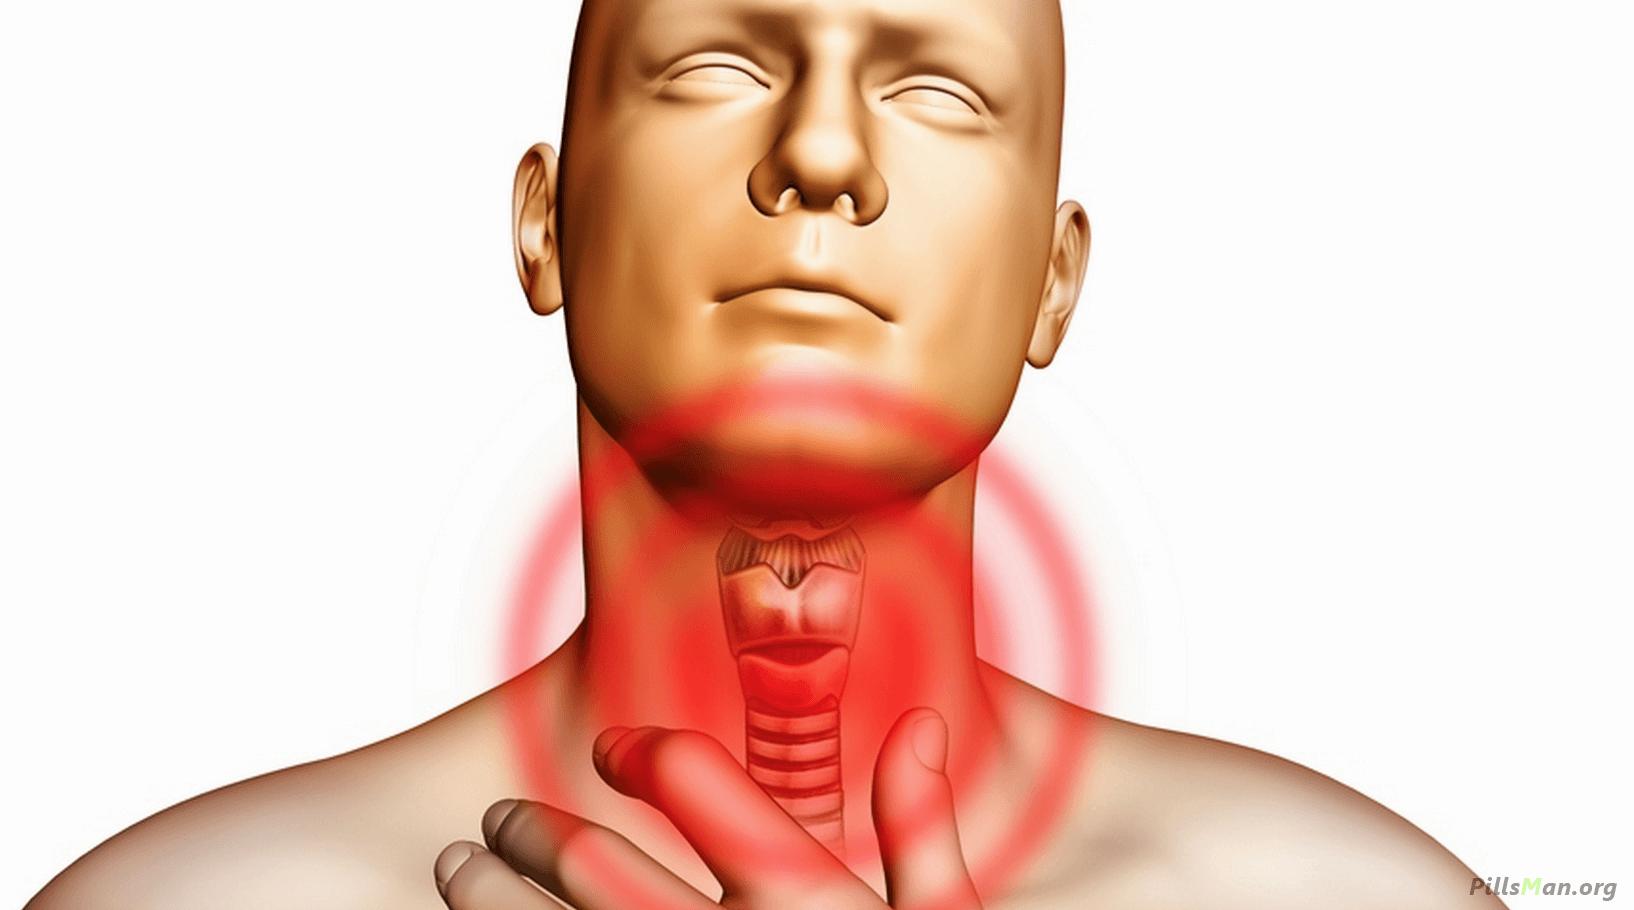 Как снять отек горла при ангине | лечение отека миндалин при ангине